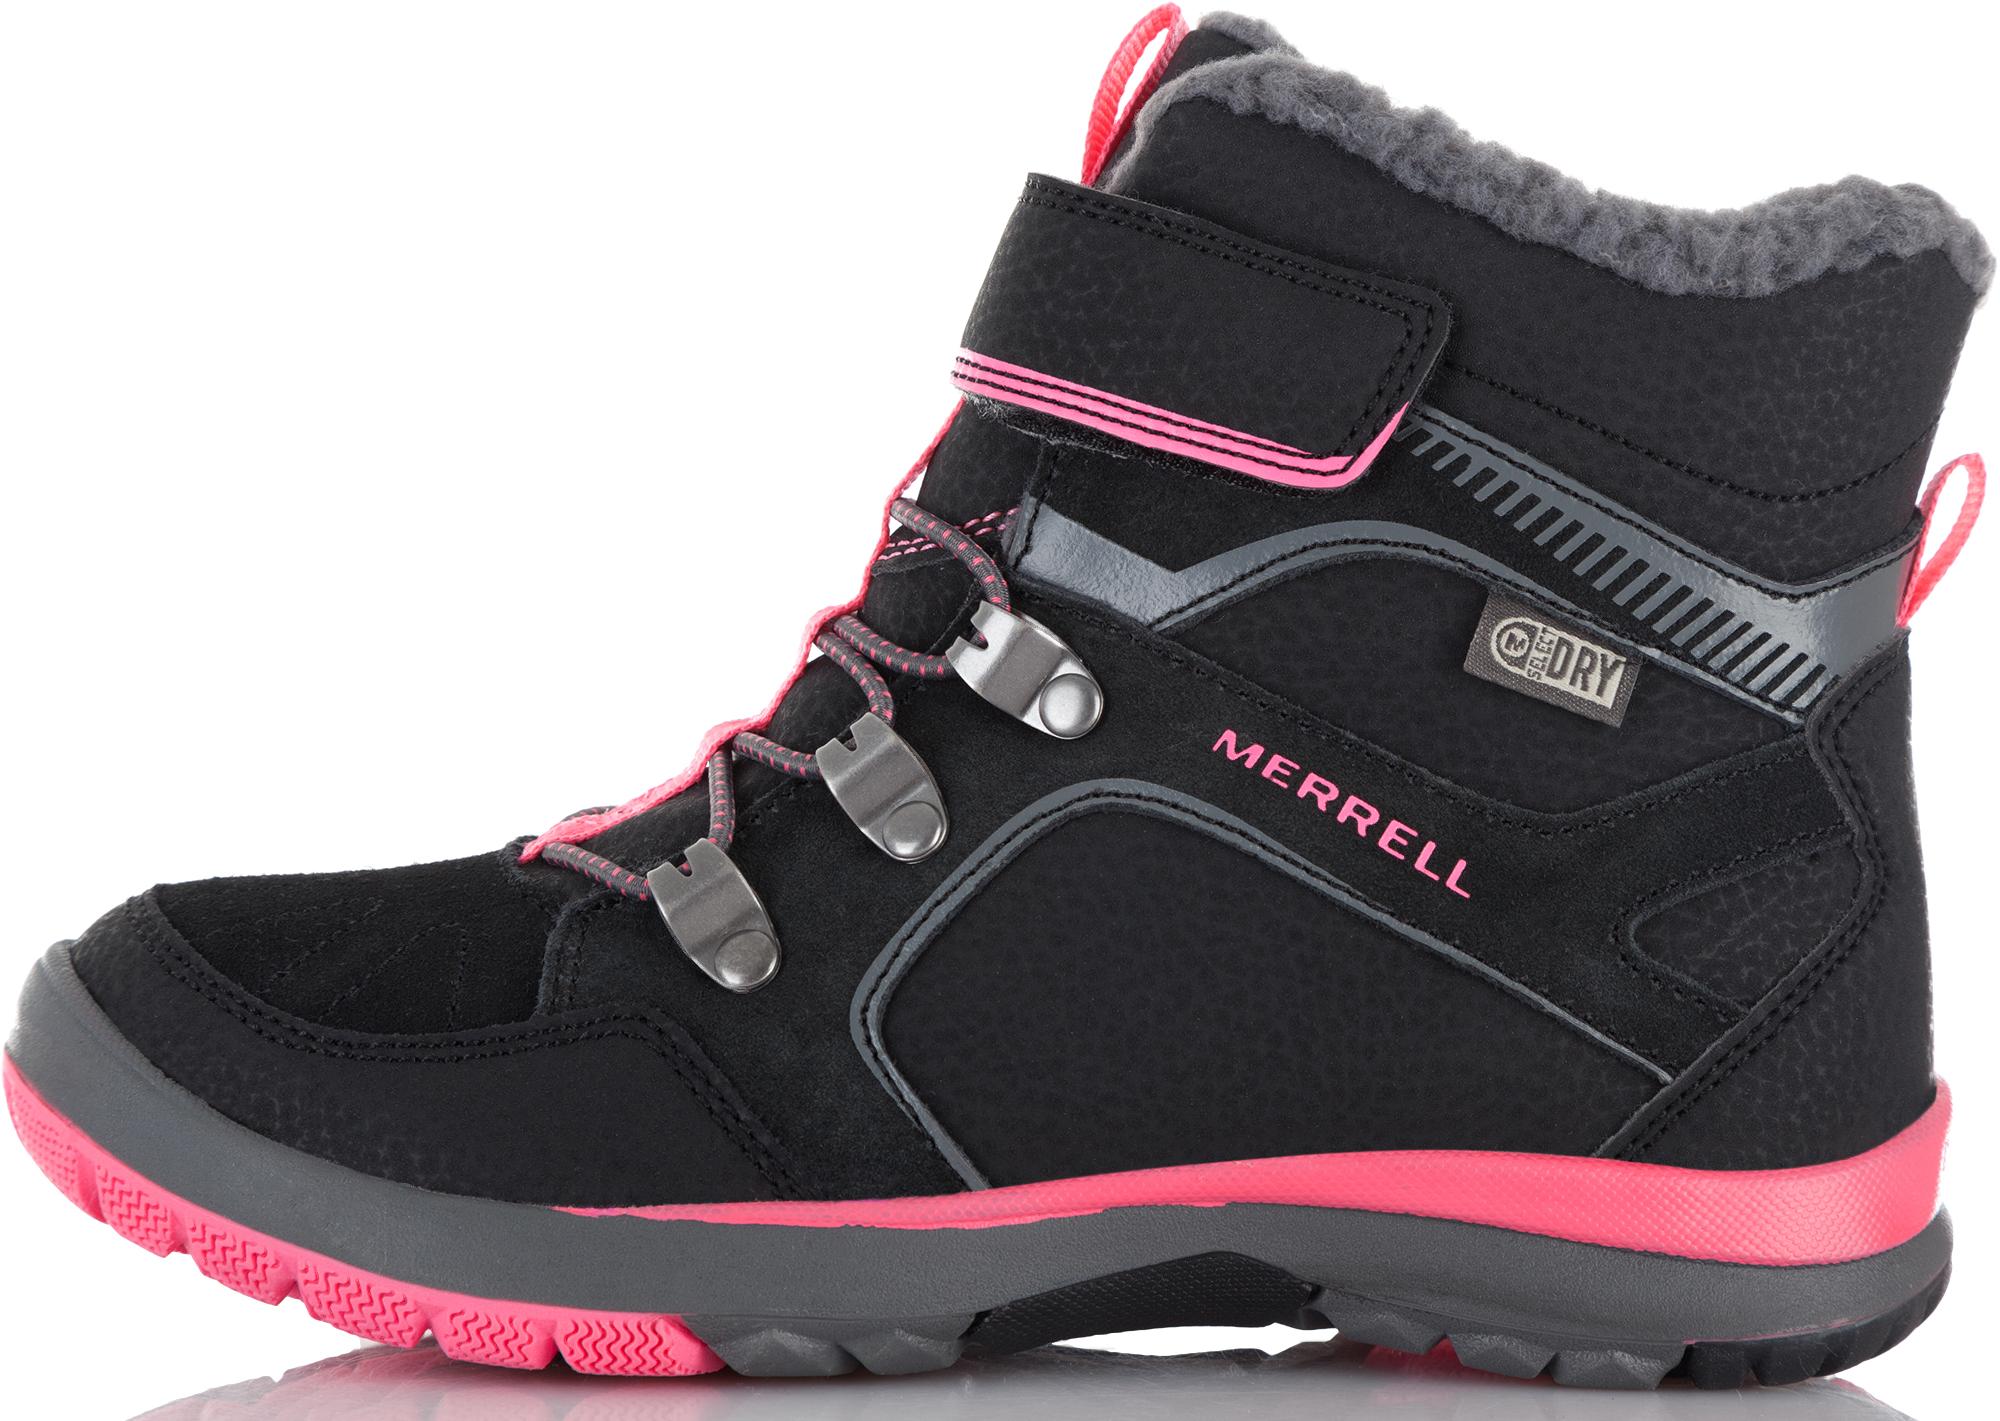 купить Merrell Ботинки утепленные для девочек Merrell M-Moab Fst Polar Mid A/C Wtrpf, размер 40,5 онлайн